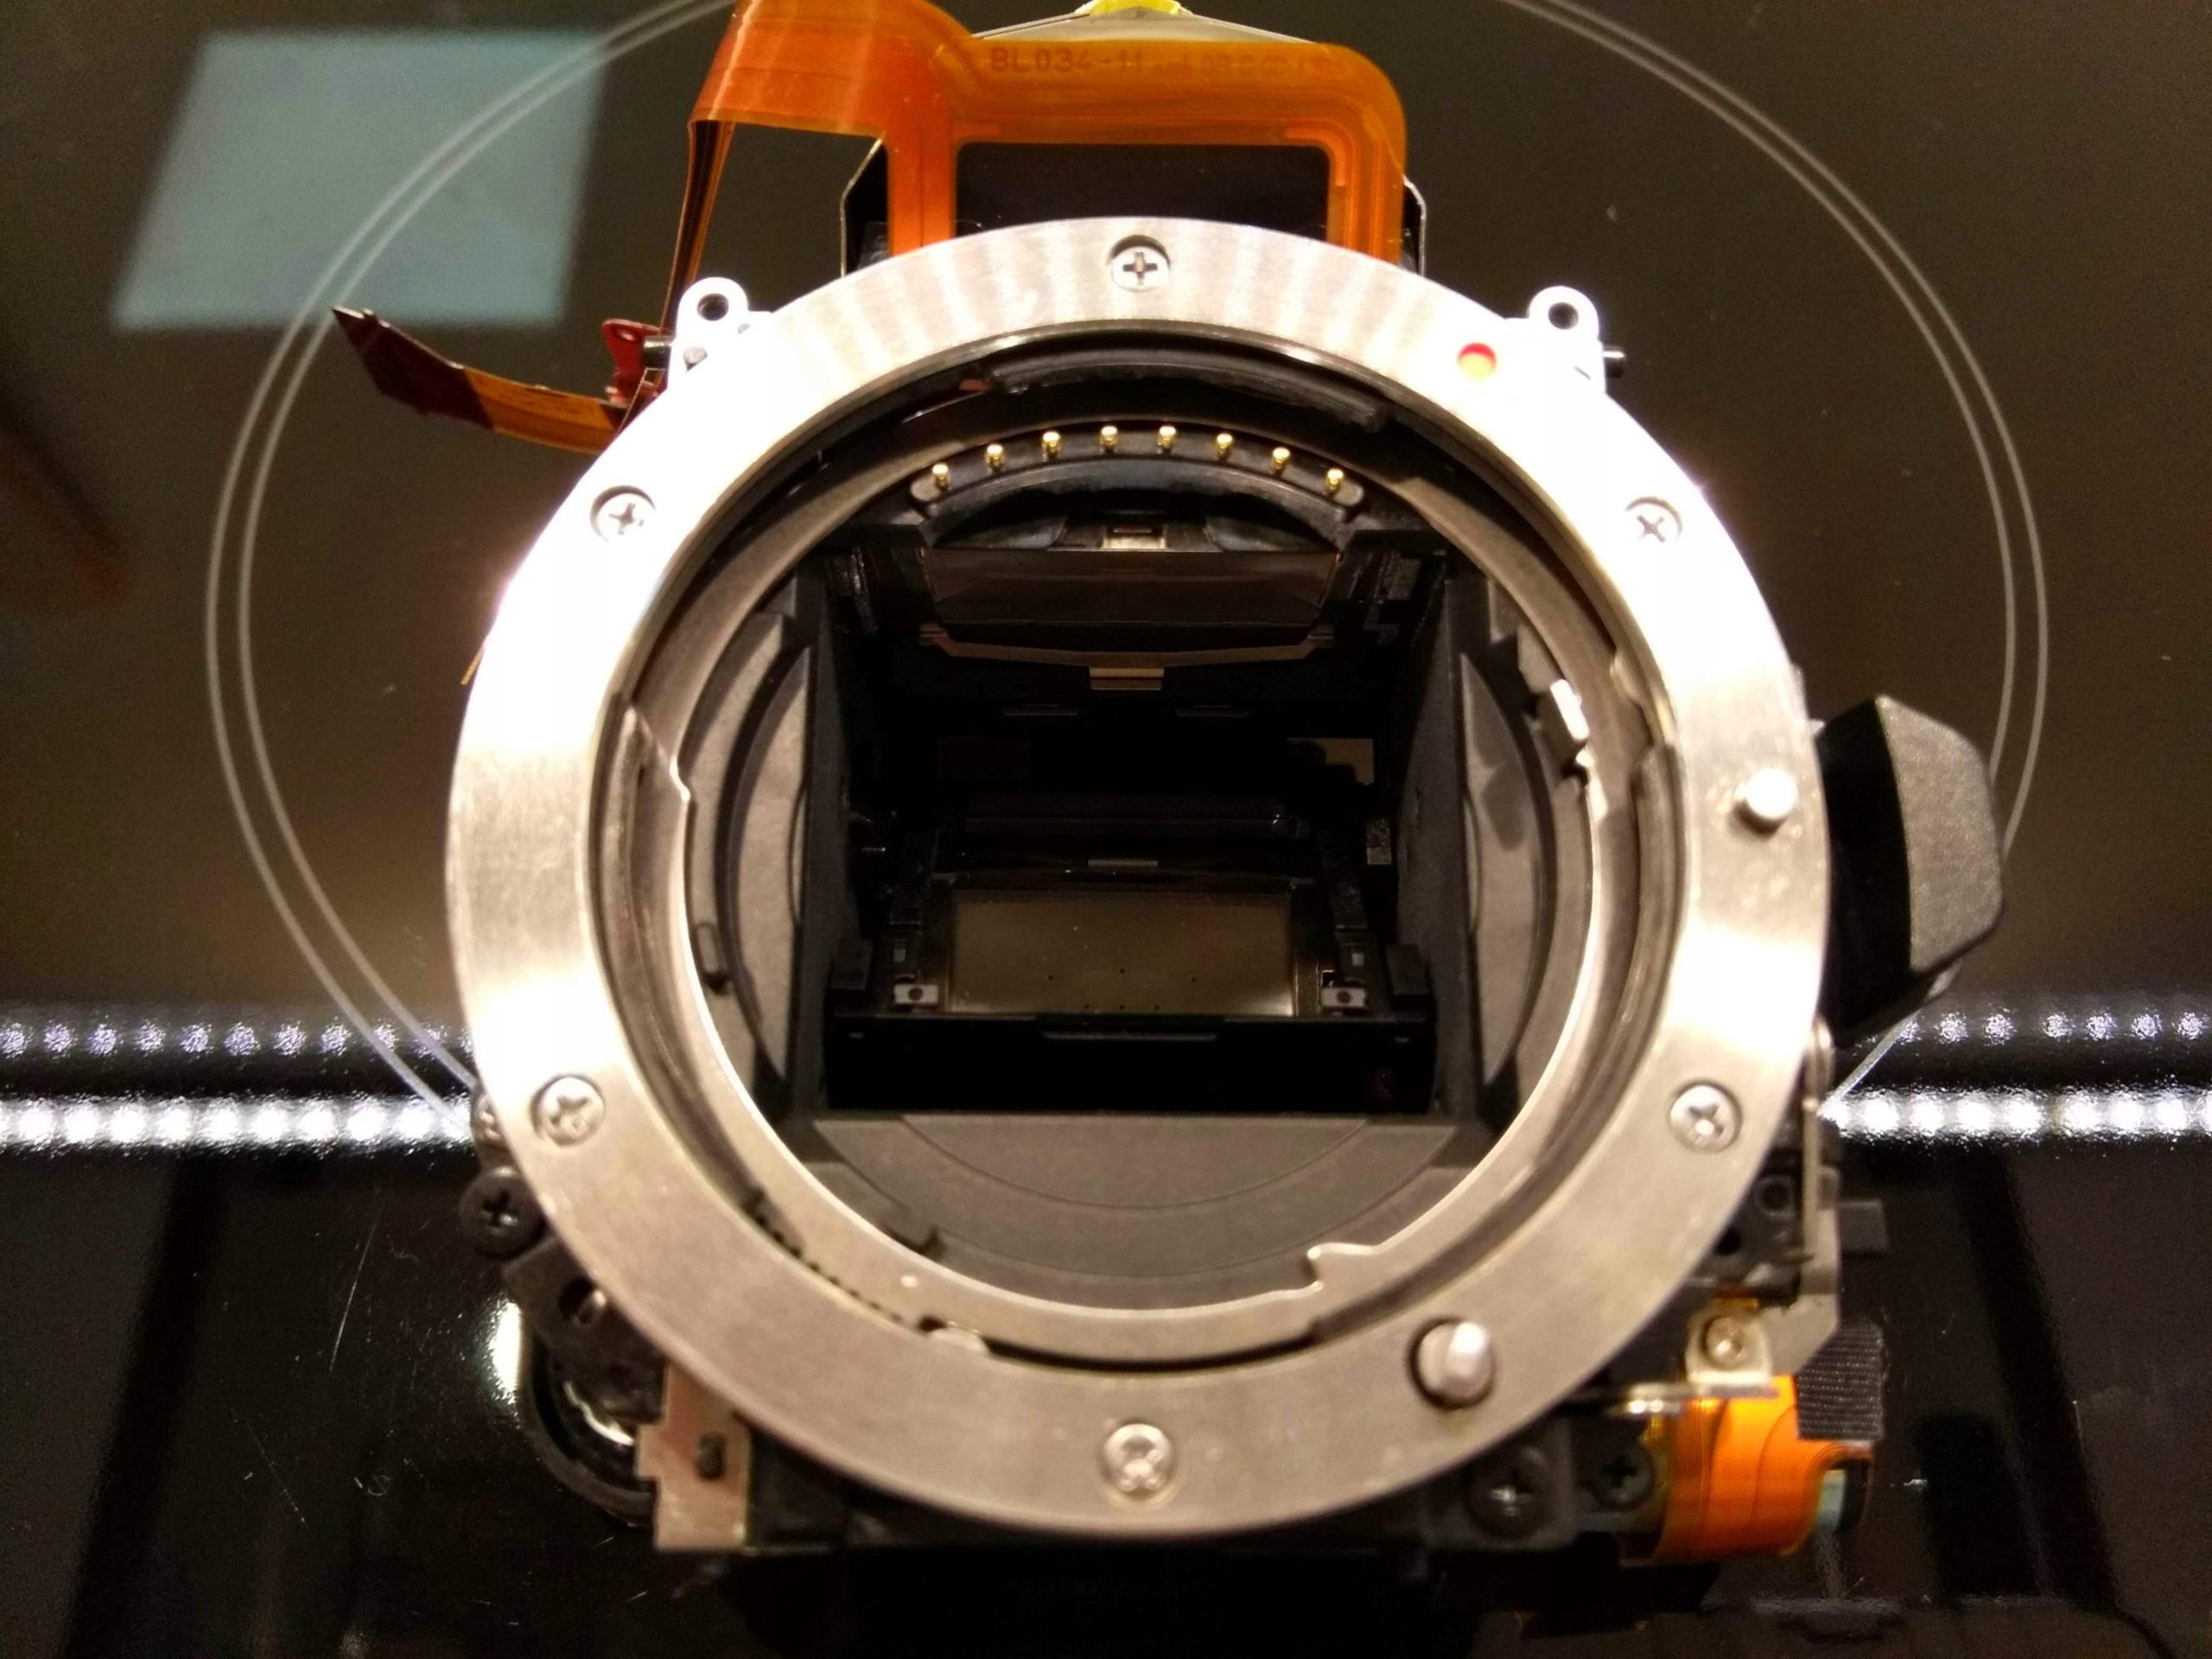 Komora lustra Mirror Box do Sony DSLR a450 a550